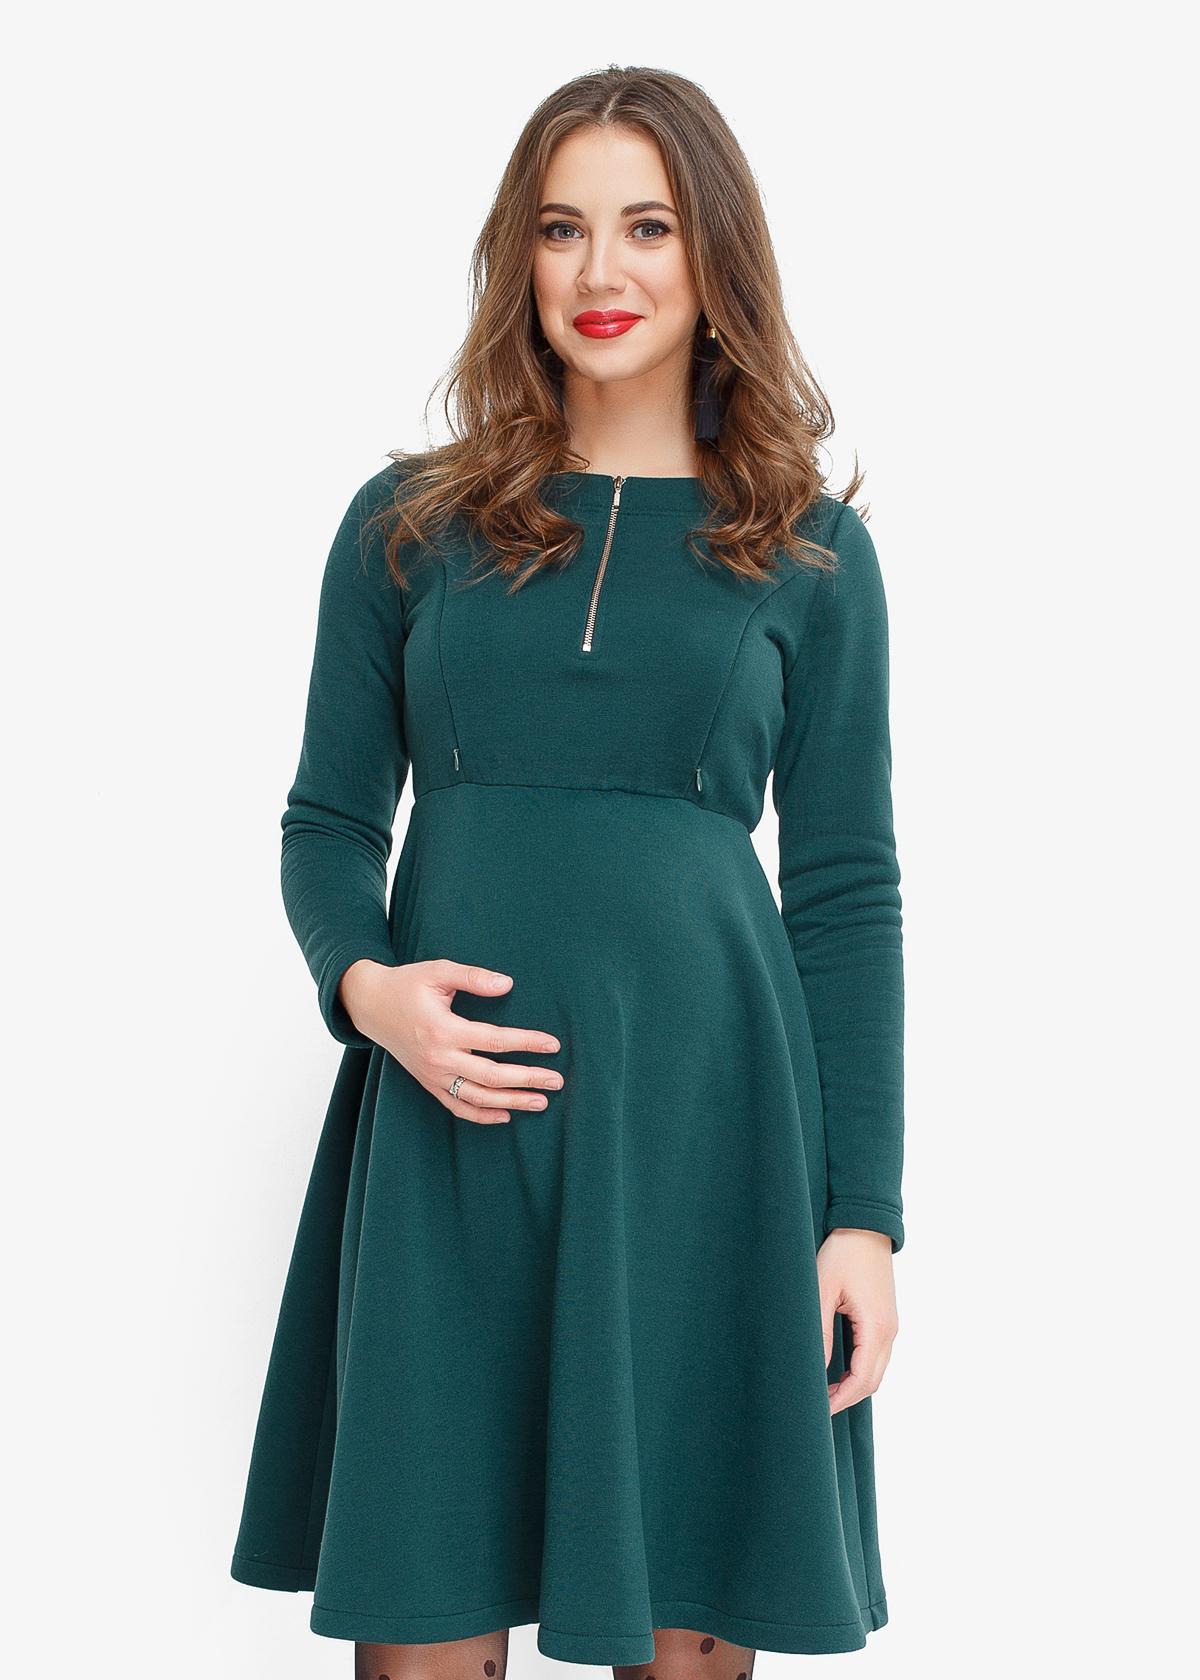 Фото: теплое платье Hvoya для беременных